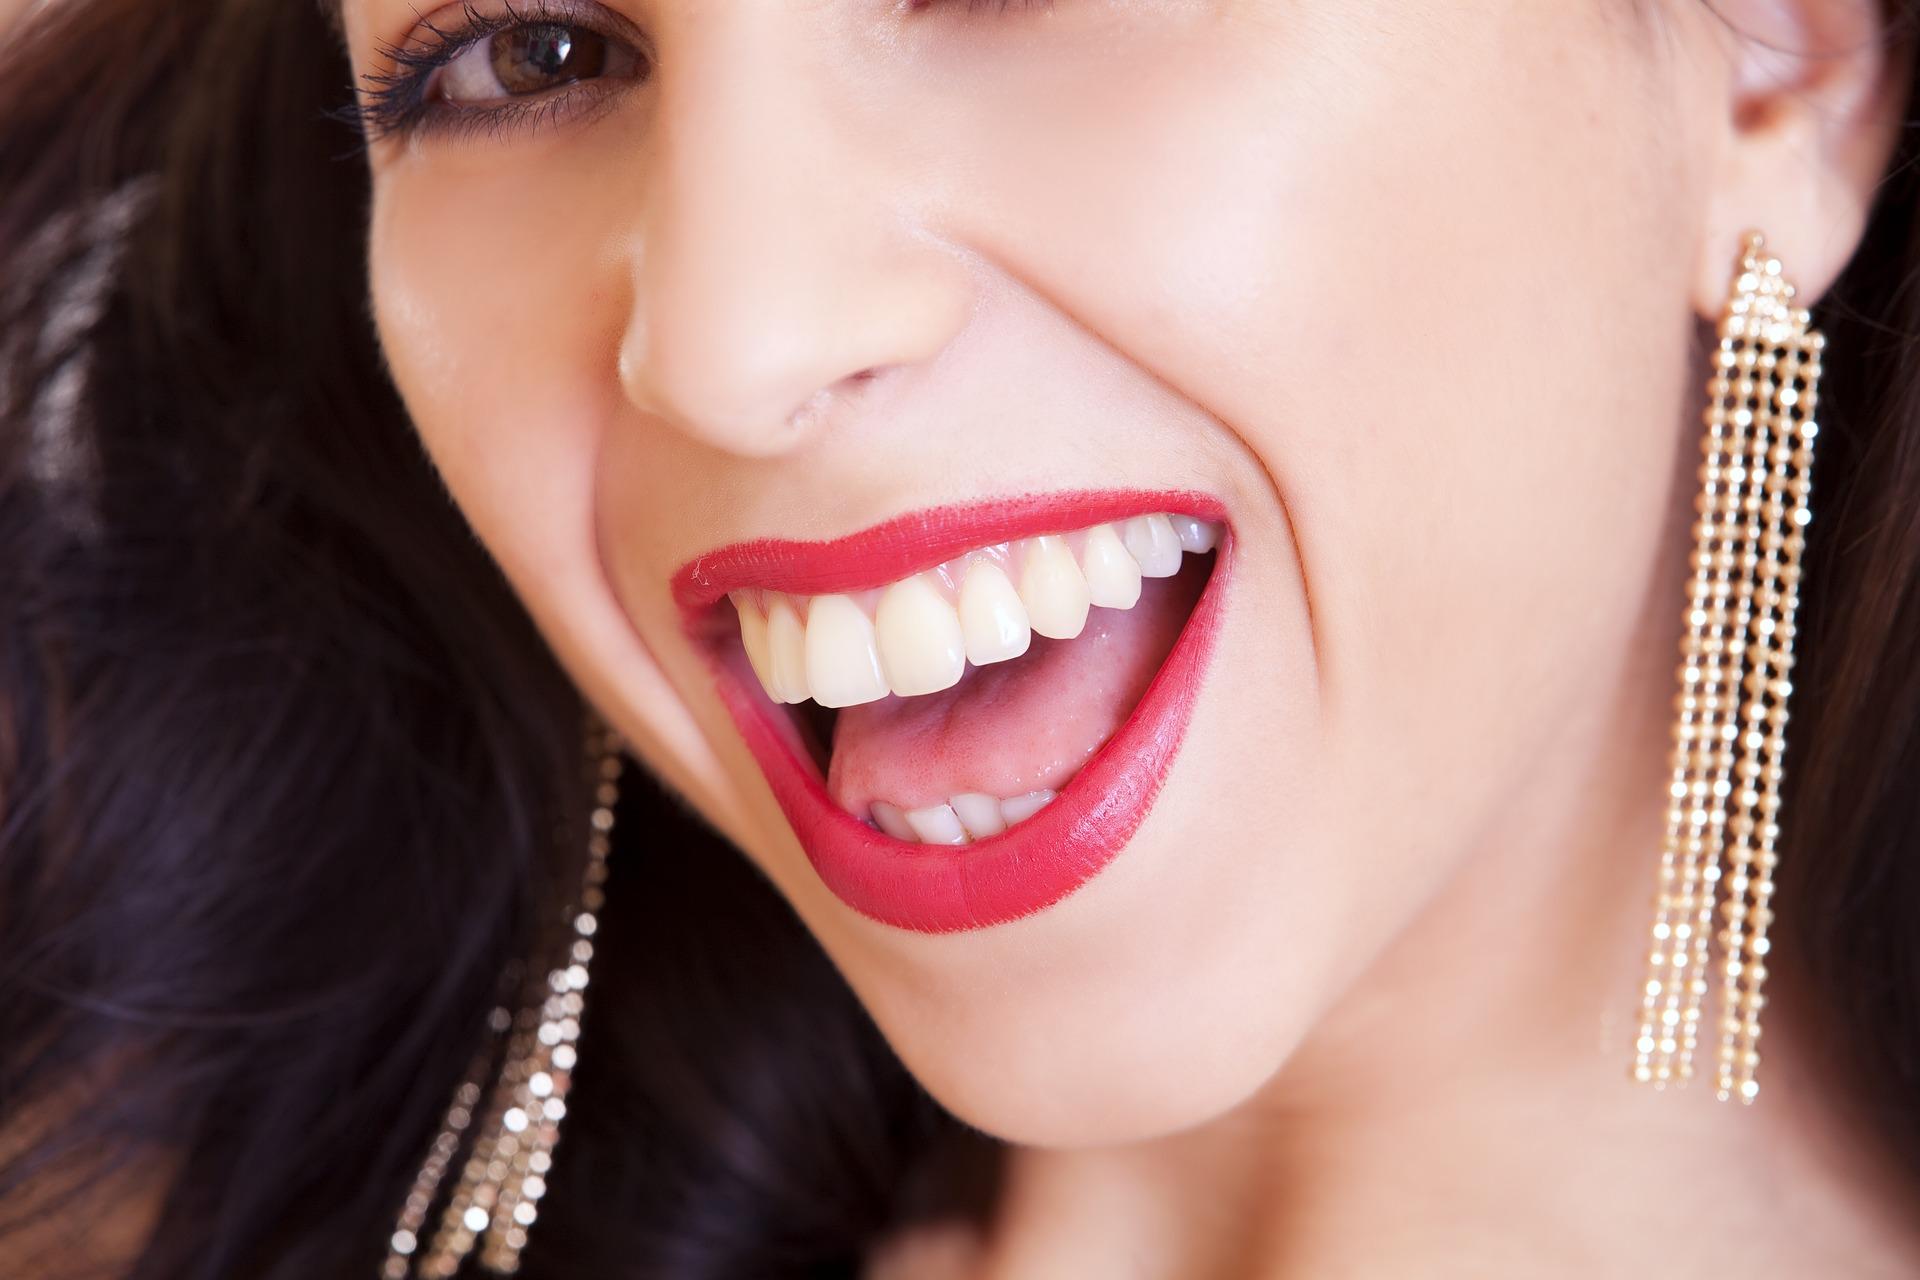 sonrisa sana y bonita